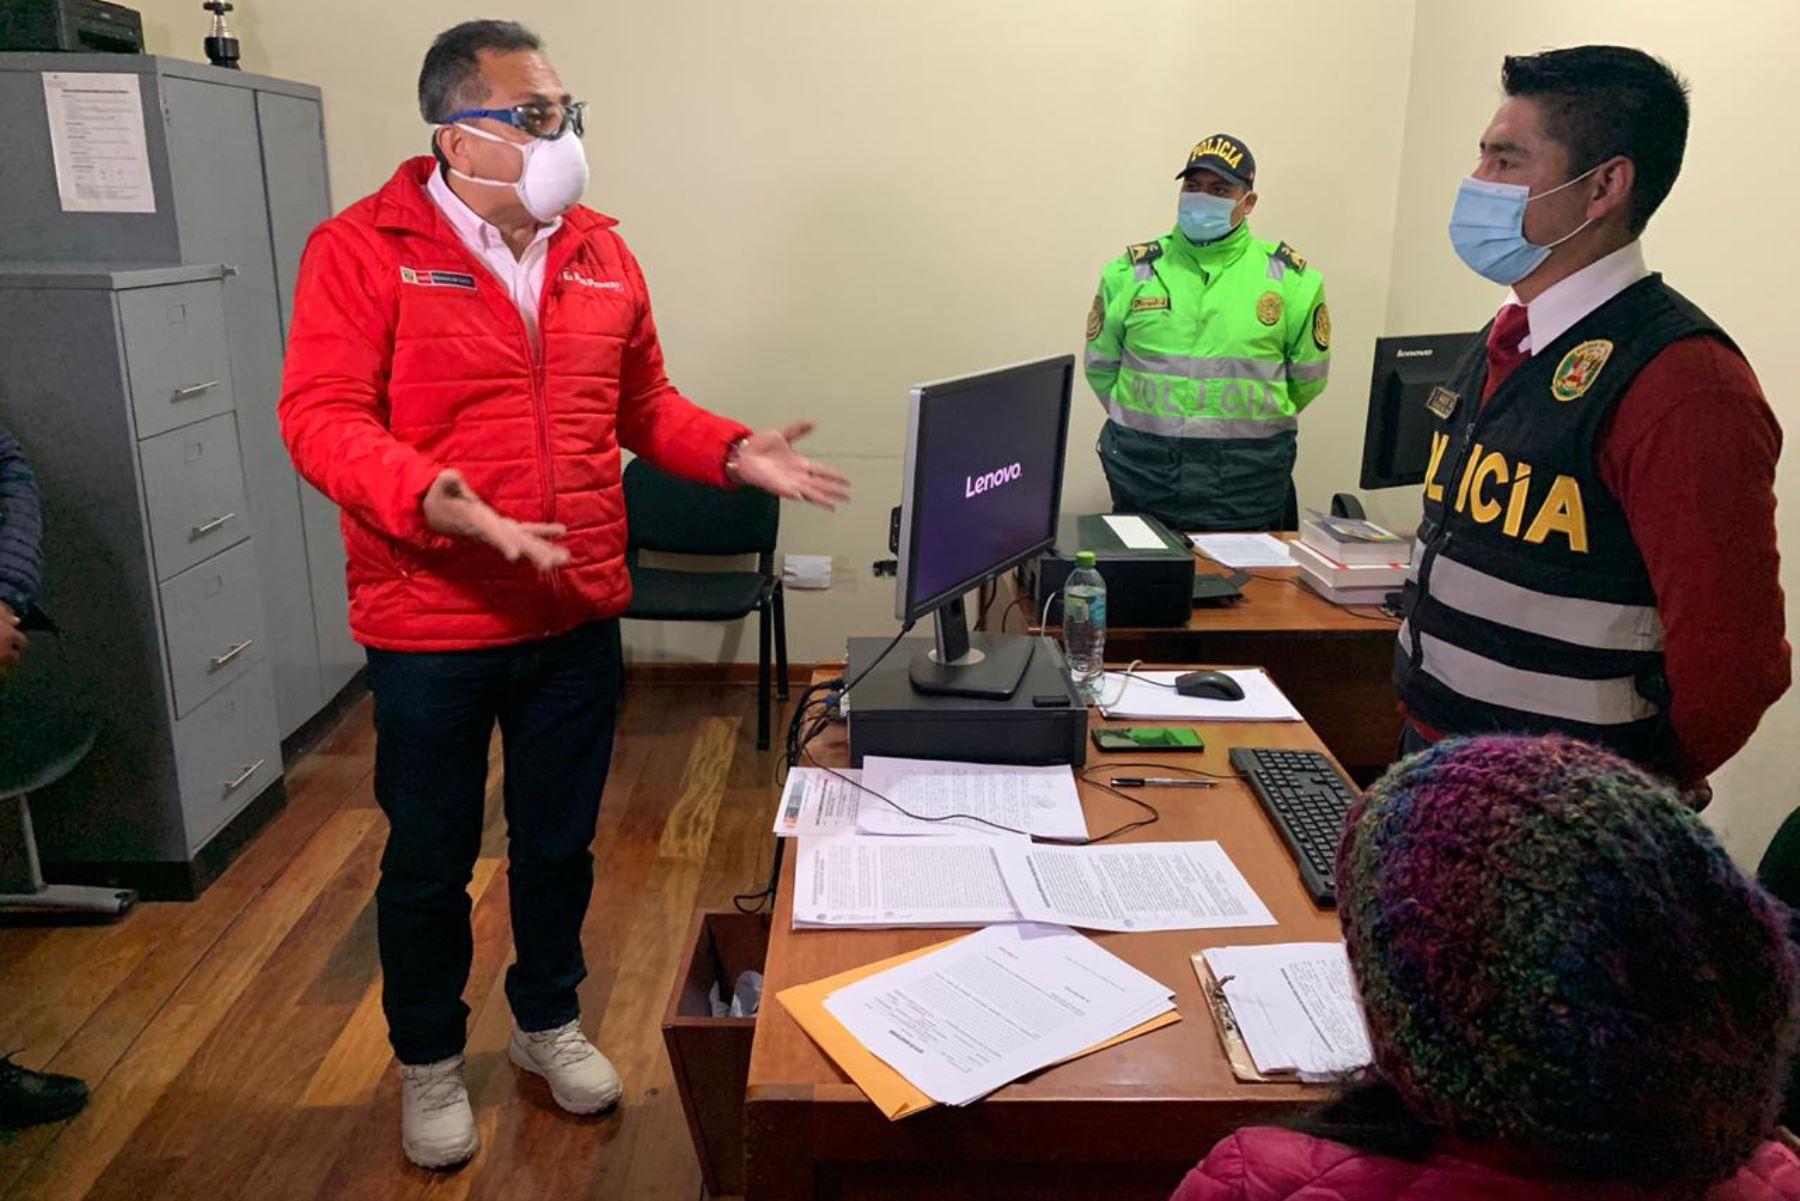 El ministro del Interior, César Gentille inspecciona las instalaciones de la comisaría PNP Yanacancha, en Pasco, y alienta a los agentes policiales a seguir con su labor al frente de la primera línea de batalla contra el covid – 19 y en favor de la seguridad ciudadana. Foto: Mininter